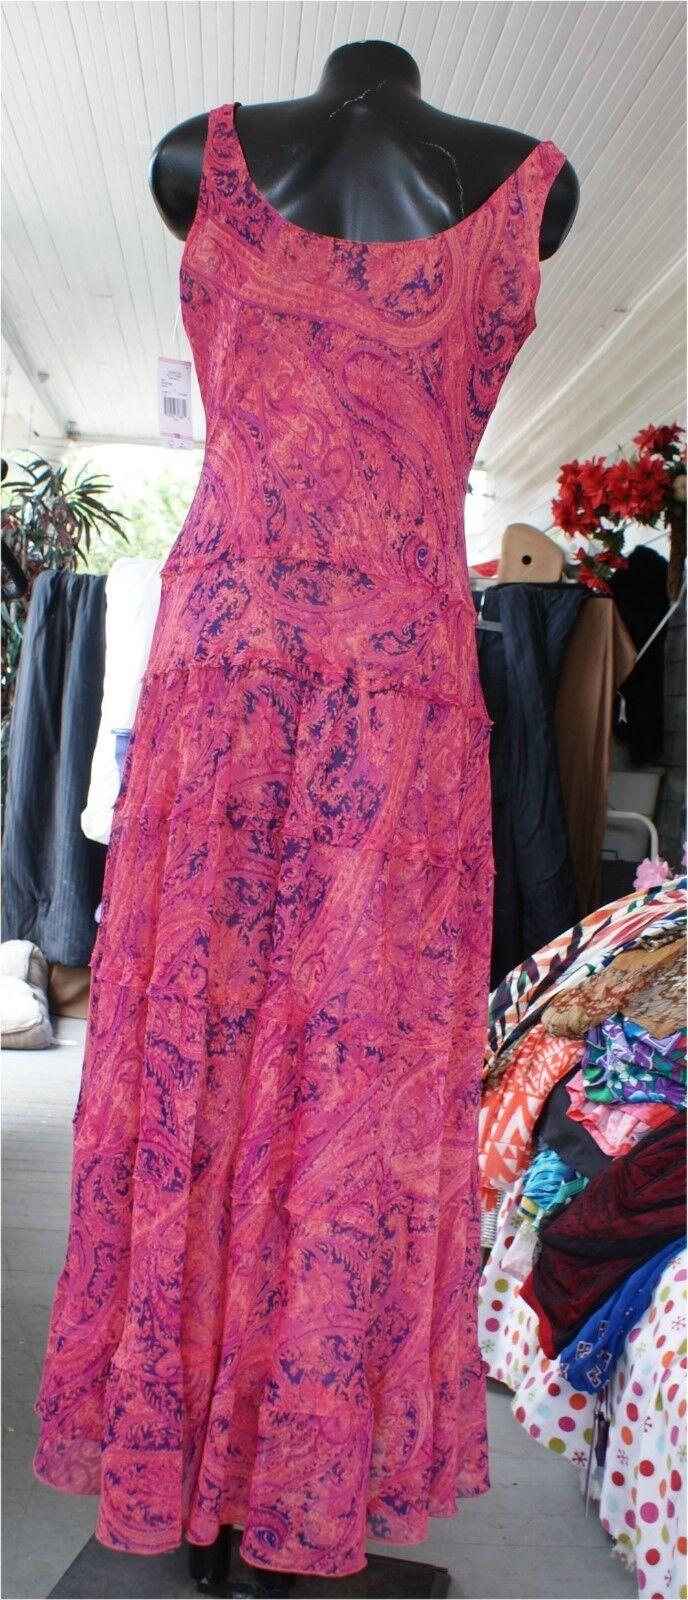 JONES WEAR LINED PINK DRESS DRESS DRESS LONG SIZE 10 SUMMER SLEEVELESS Paysley f00231